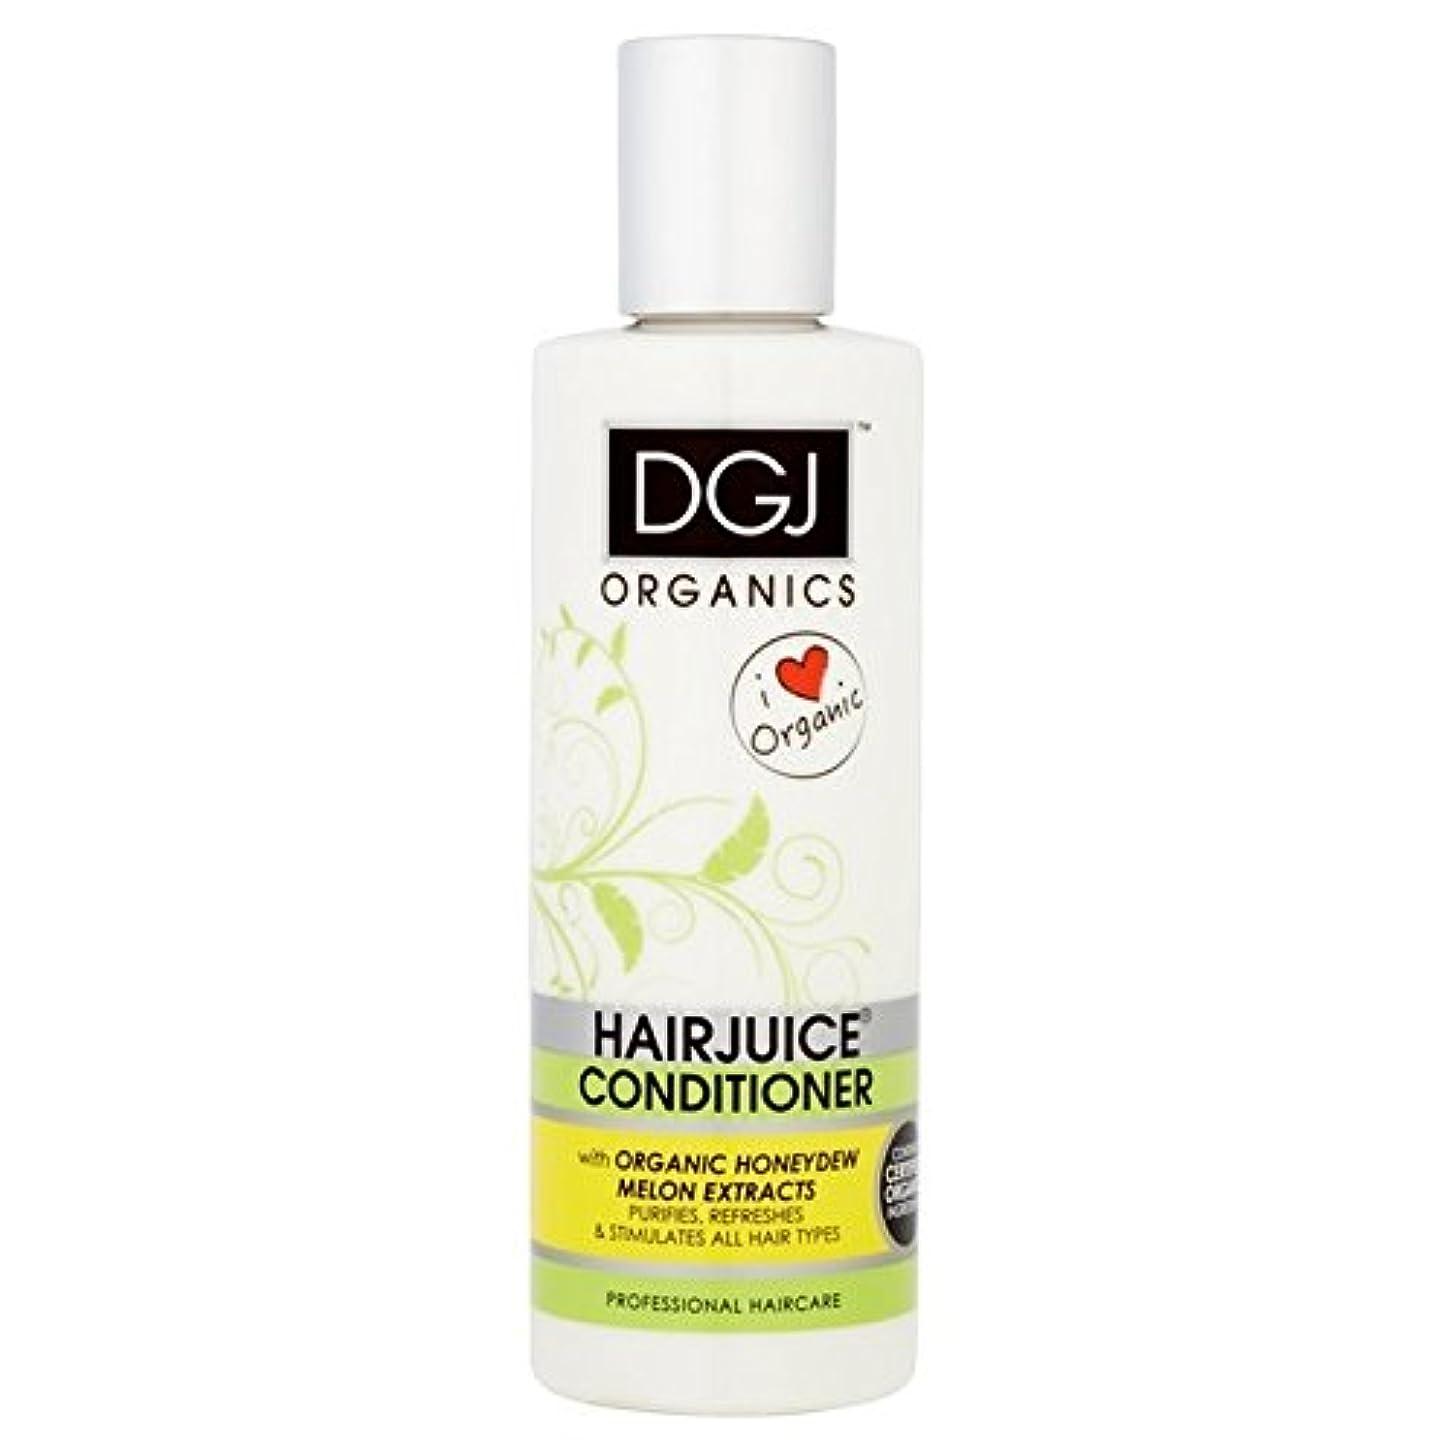 私達シチリア添加剤DGJ Organic Hairjuice Melon Conditioner 250ml - 有機メロンコンディショナー250 [並行輸入品]